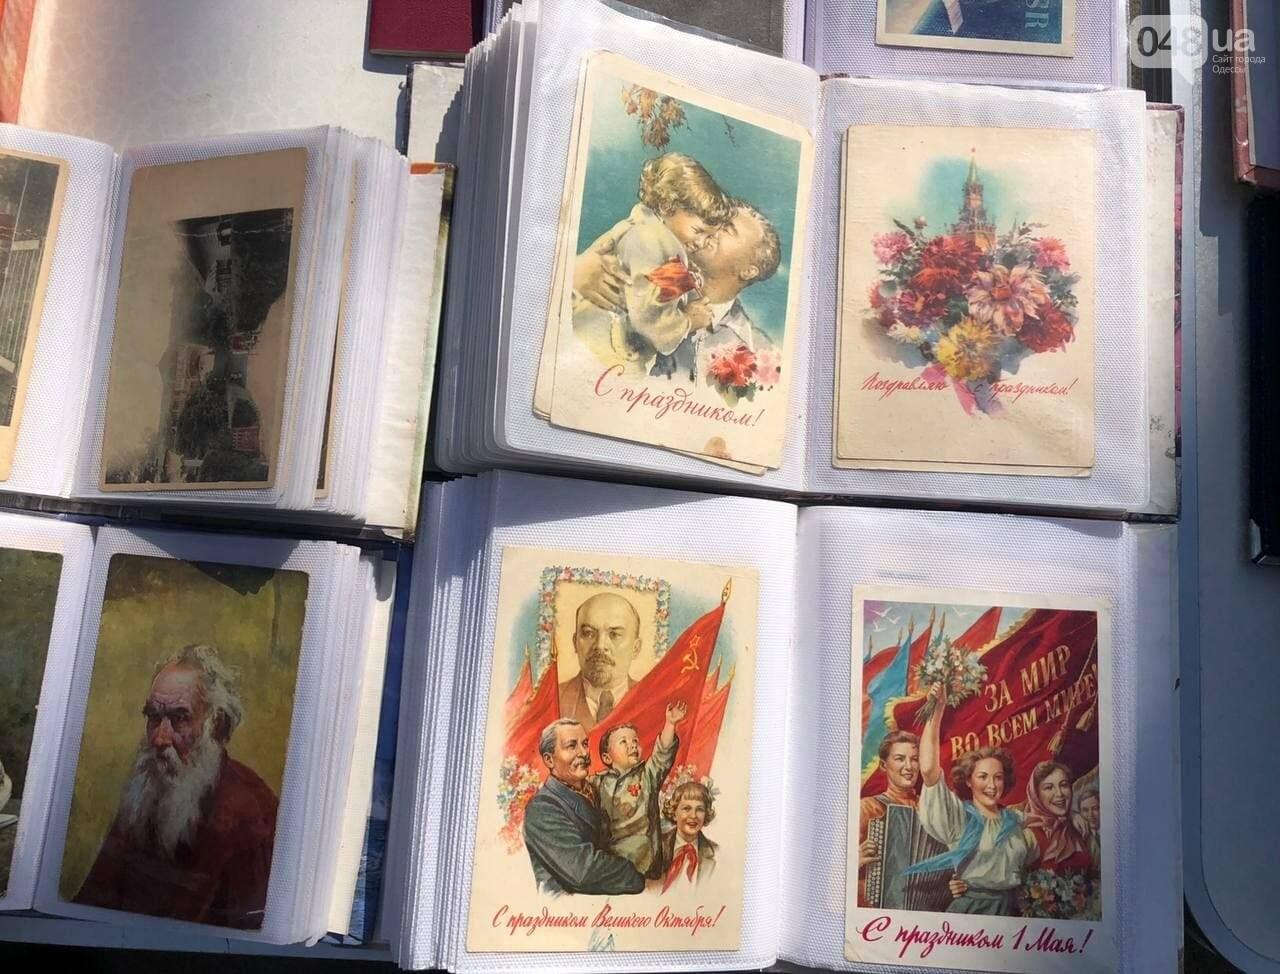 Антикварная посуда, старинные монеты и часы: что продают на одесской Староконке, - ФОТОПЯТНИЦА , фото-4